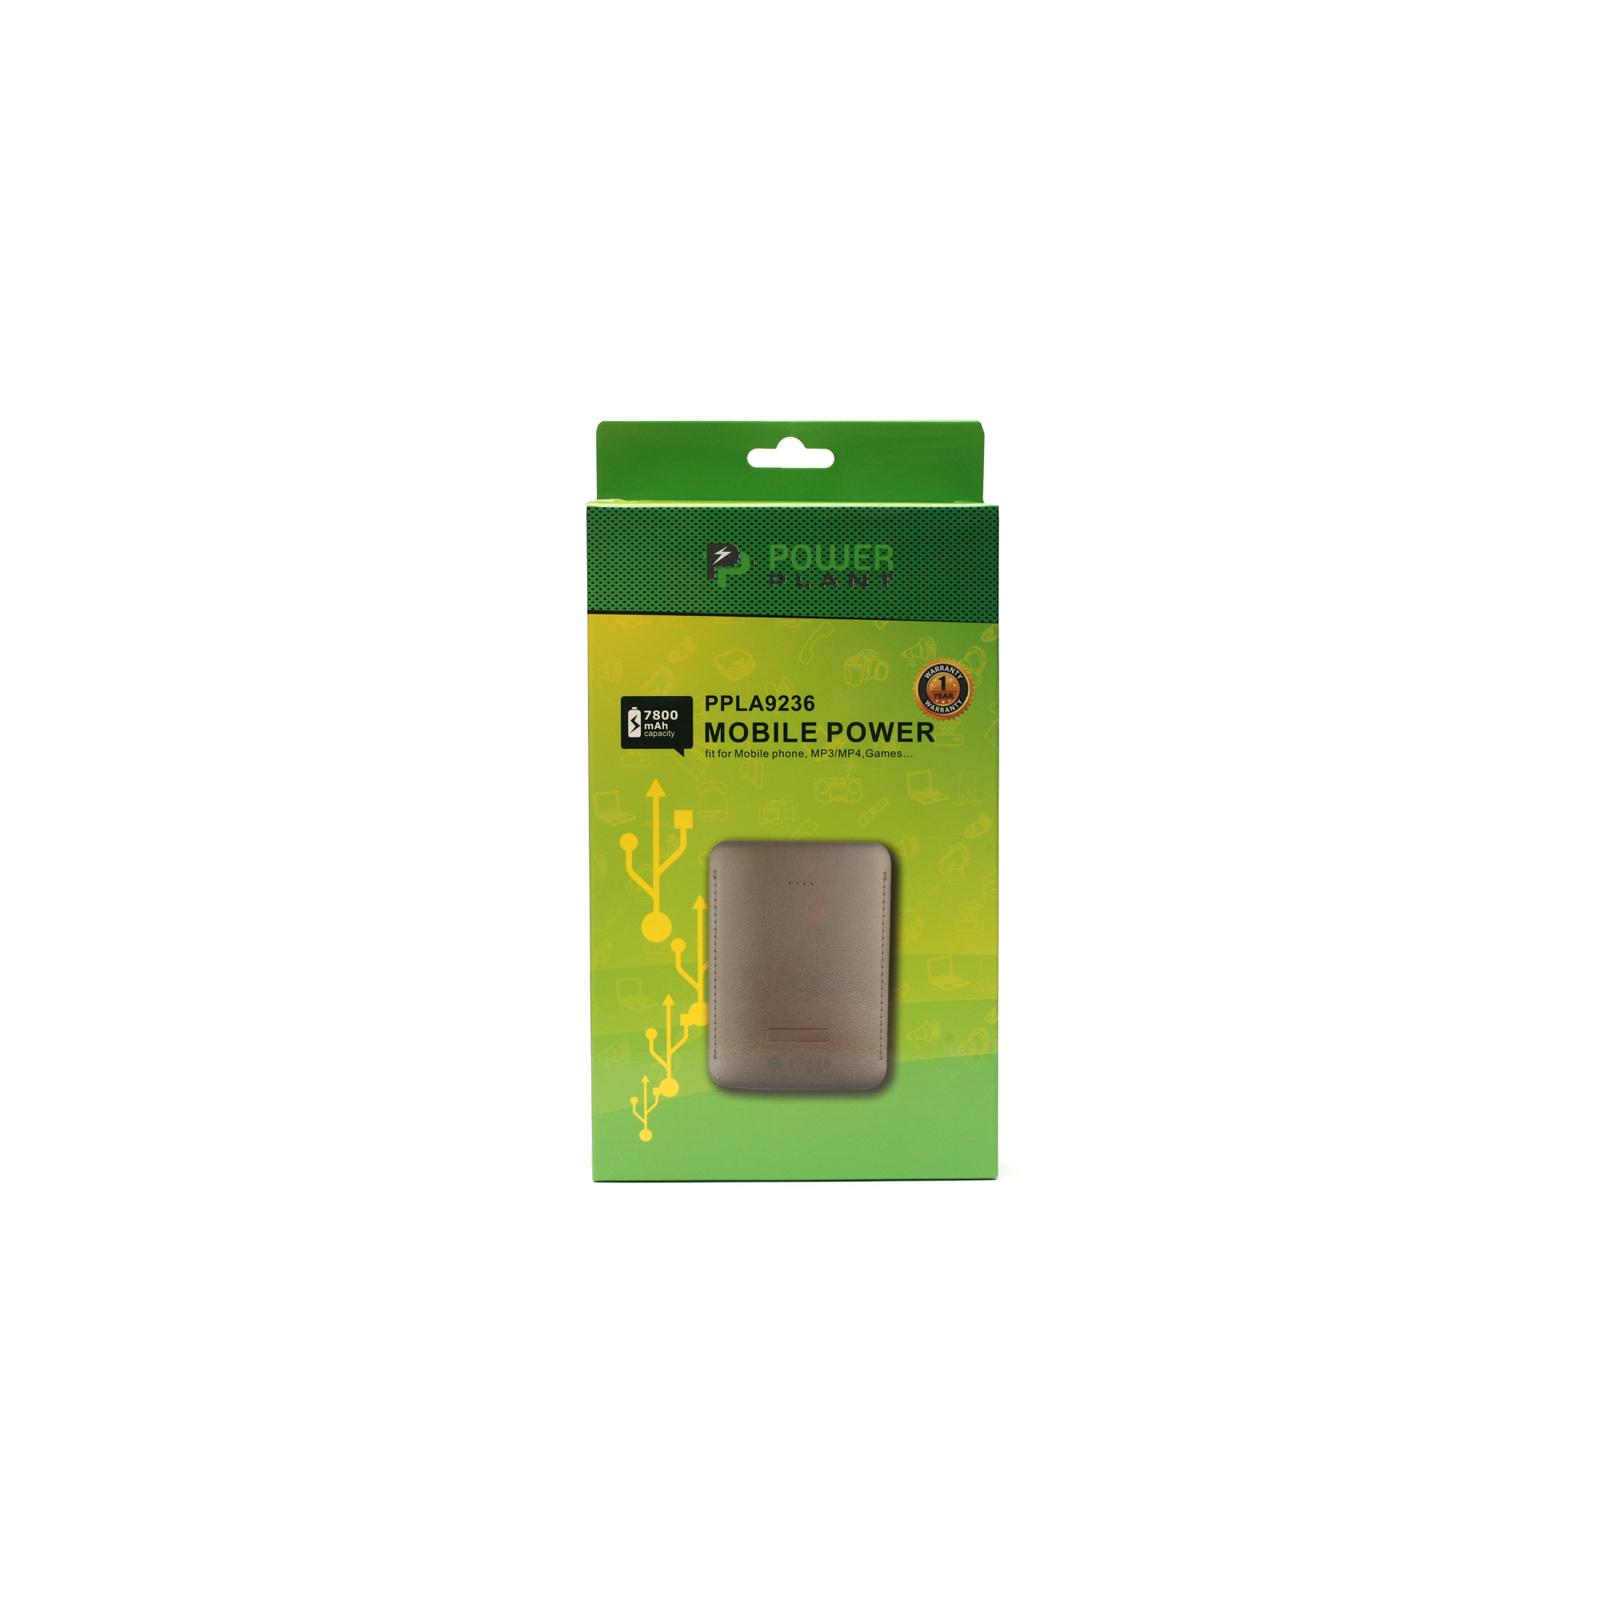 Батарея универсальная PowerPlant PB-LA9236 7800mAh 1*USB/1A 1*USB/2.1A (PPLA9236) изображение 4